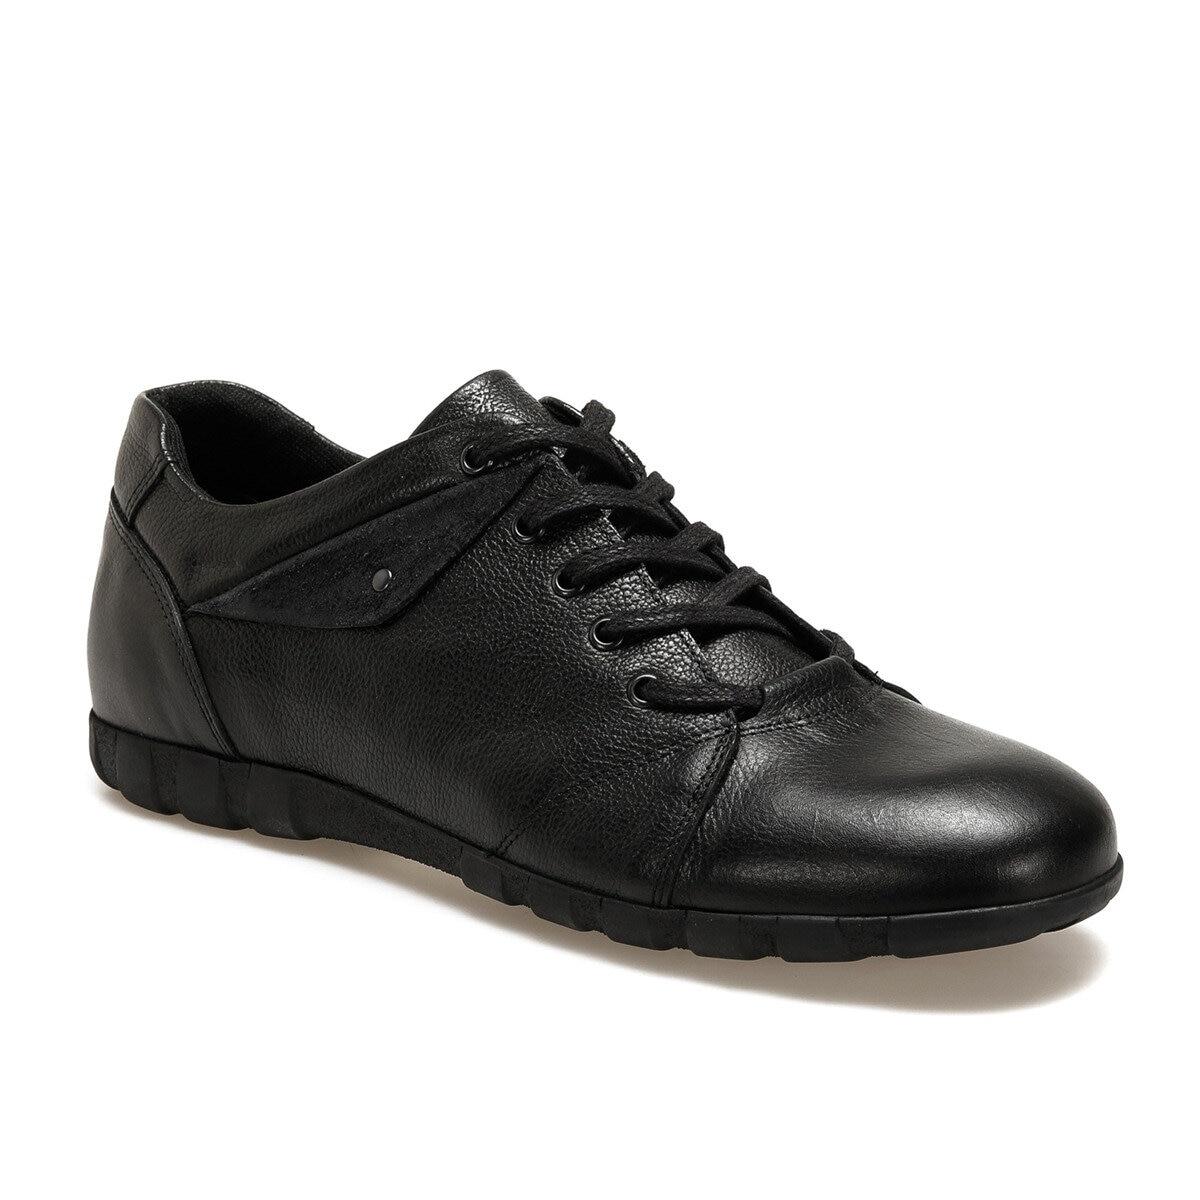 FLO NHT-01 Black Men Casual Shoes Oxide